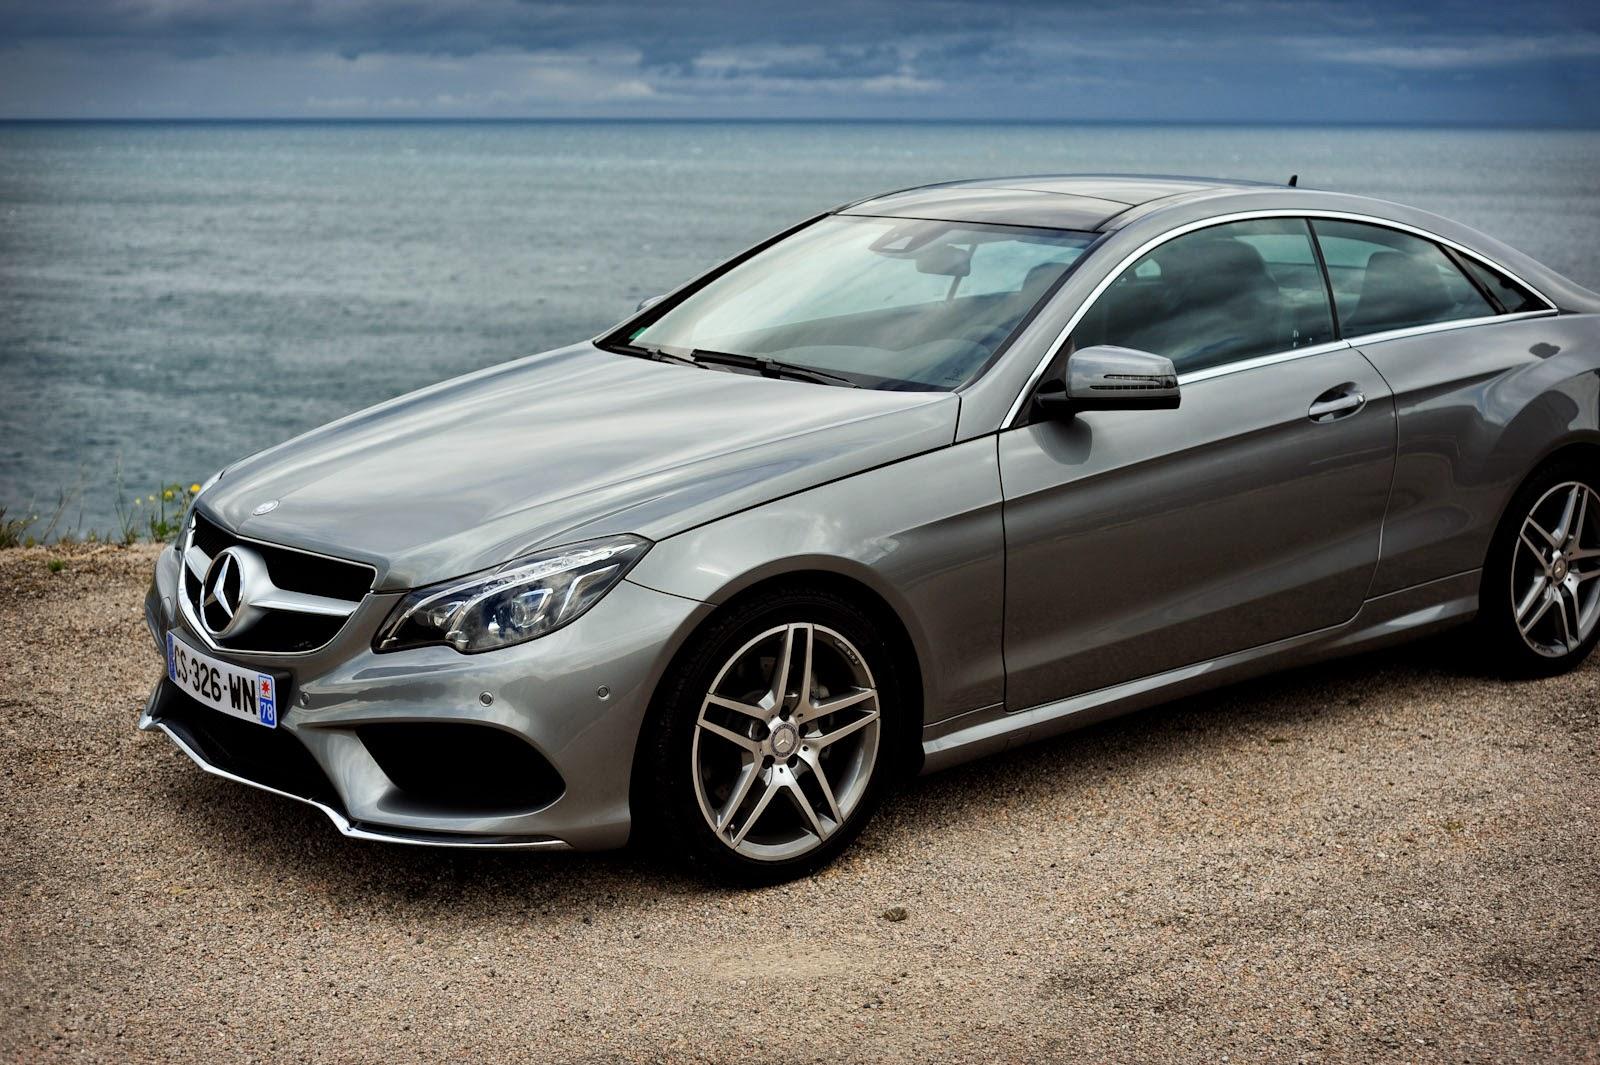 Prezzo Mercedes Classe E Coupè marzo 2015